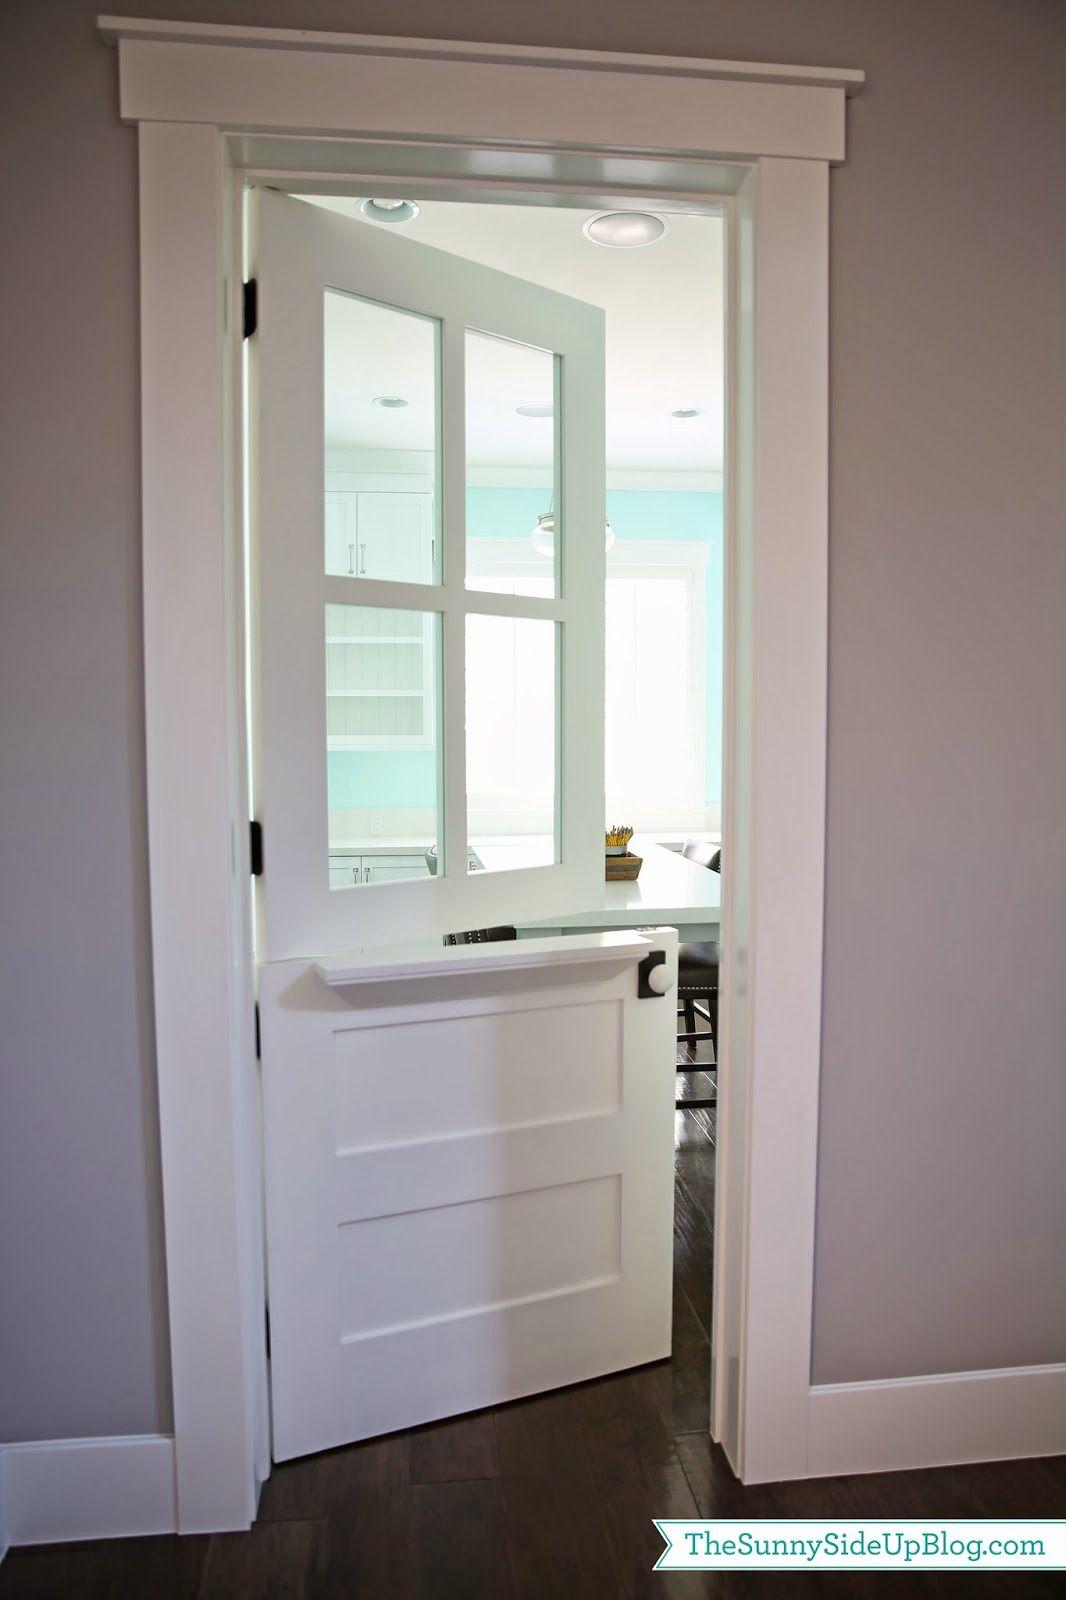 take a tour of my new office door door on Internal Split Doors id=85982